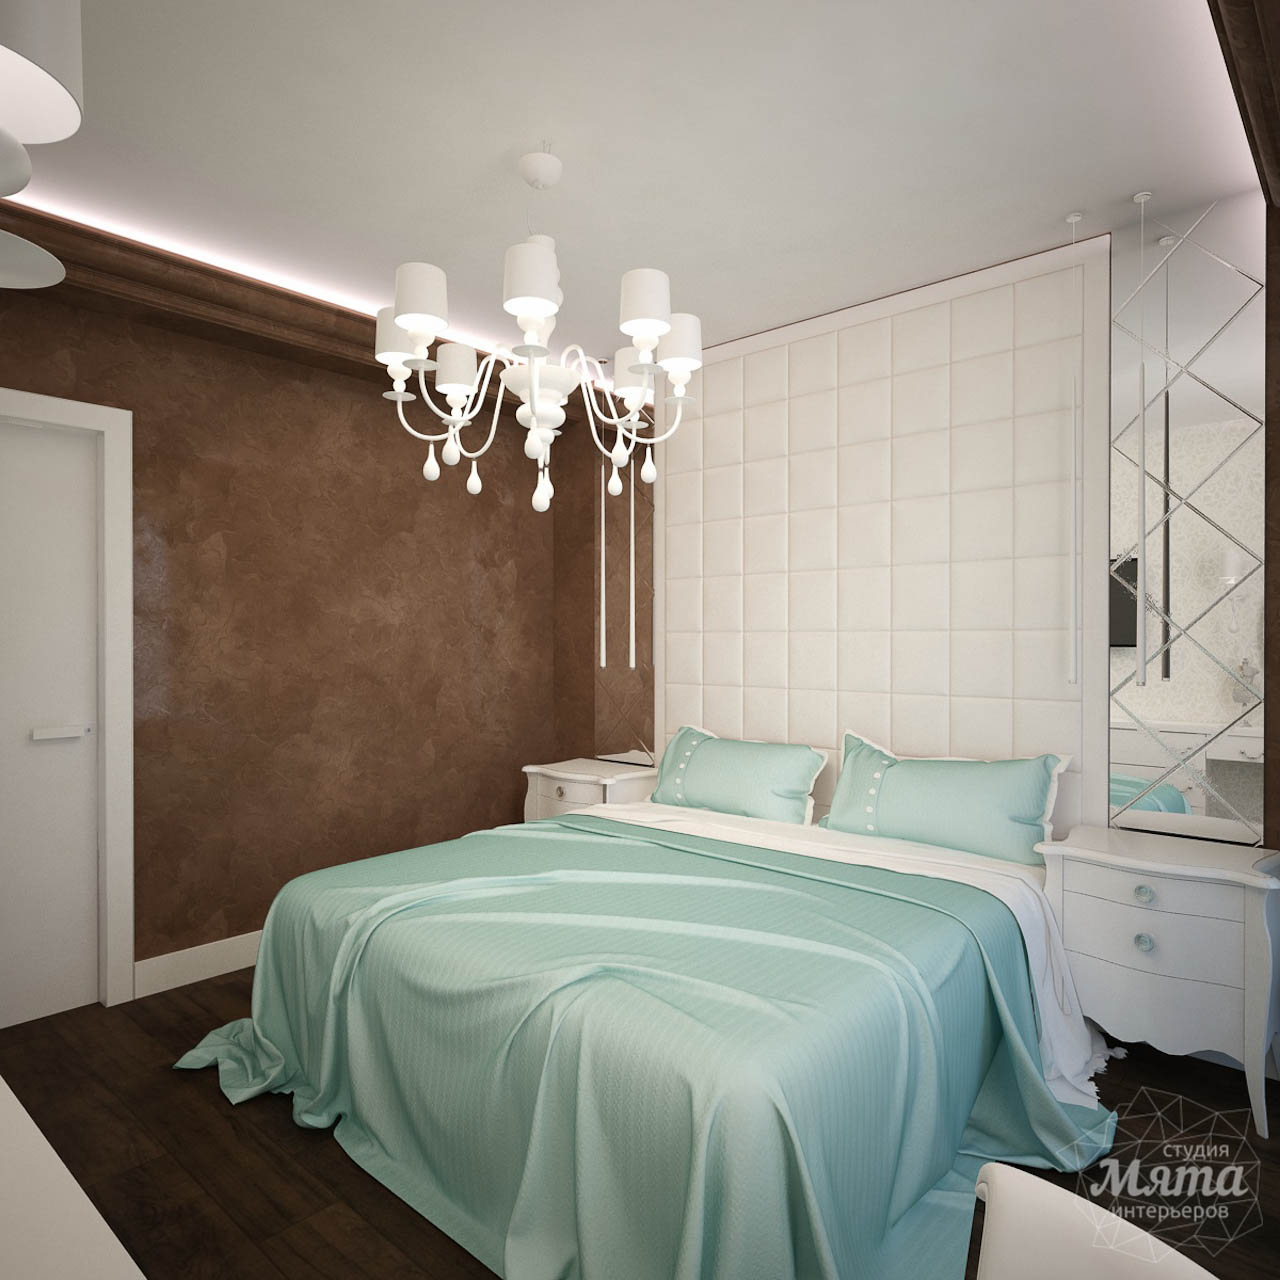 Дизайн интерьера четырехкомнатной квартиры по ул. Шевченко 18 img60023240